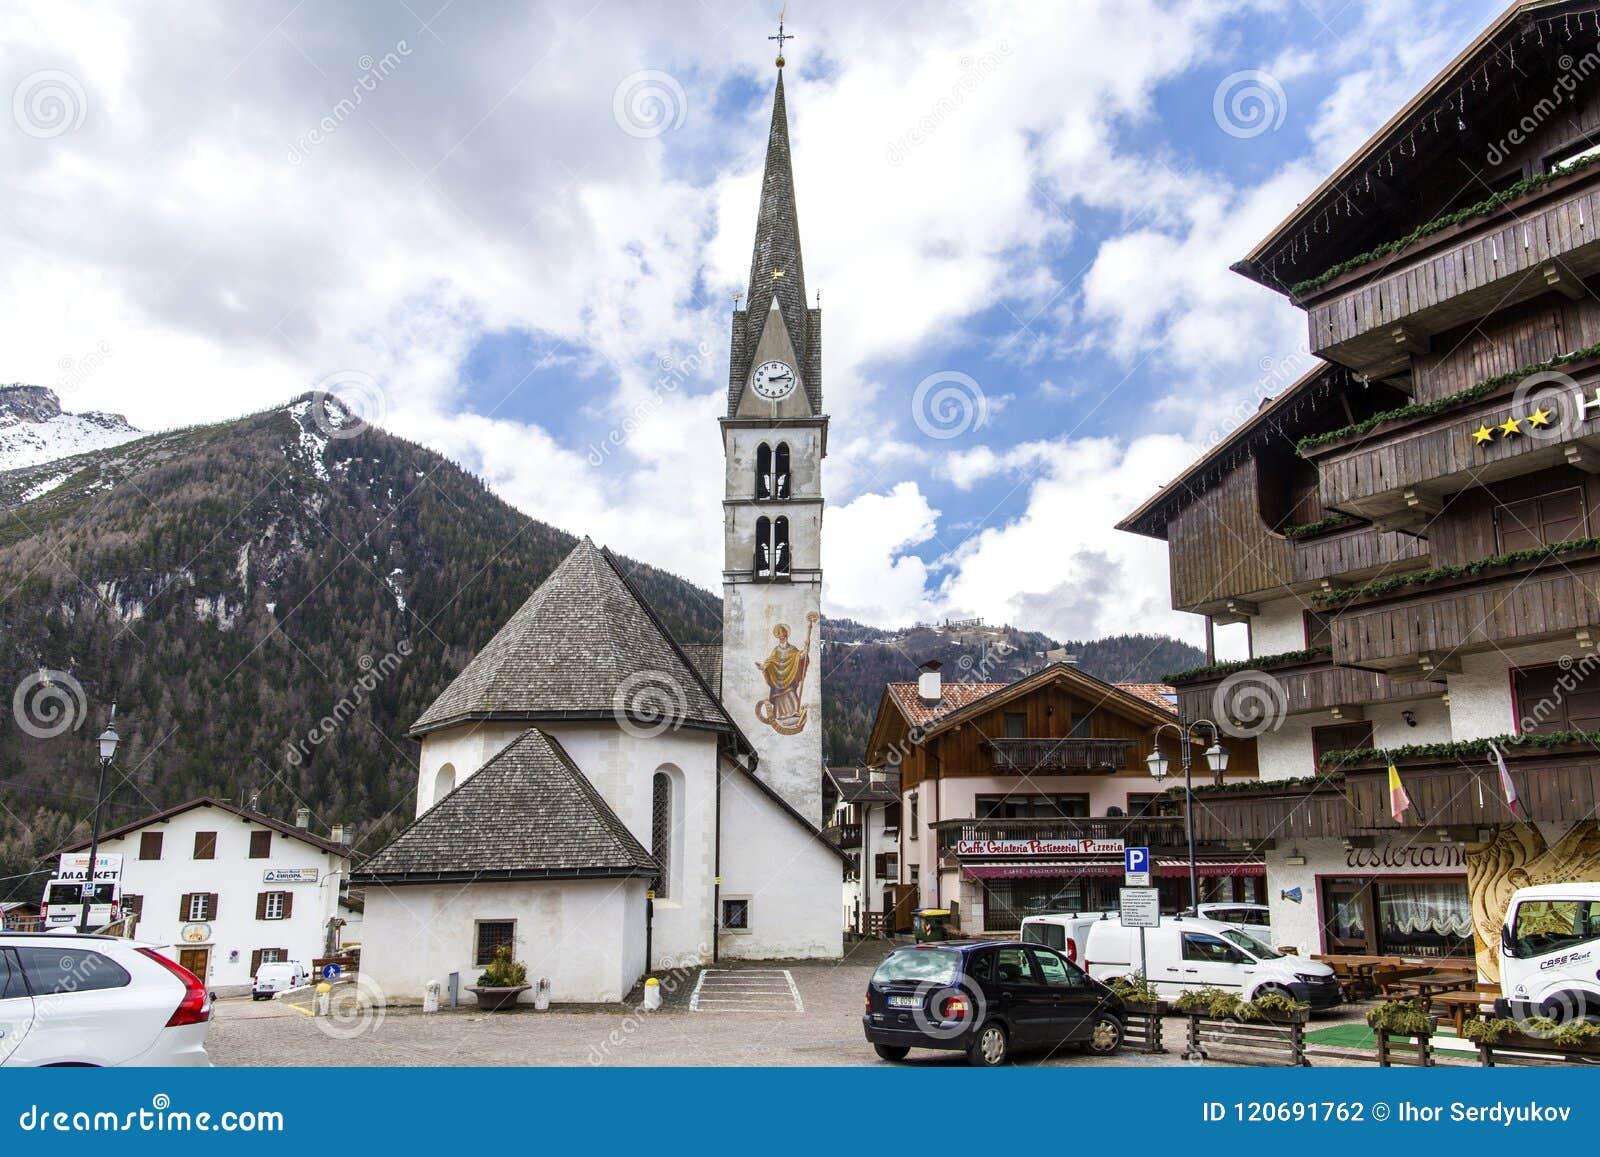 Alleghe, Bellune, Italie le 5 avril 2018 : un village de montagne avec du charme situé dans un arrangement naturel unique donnant